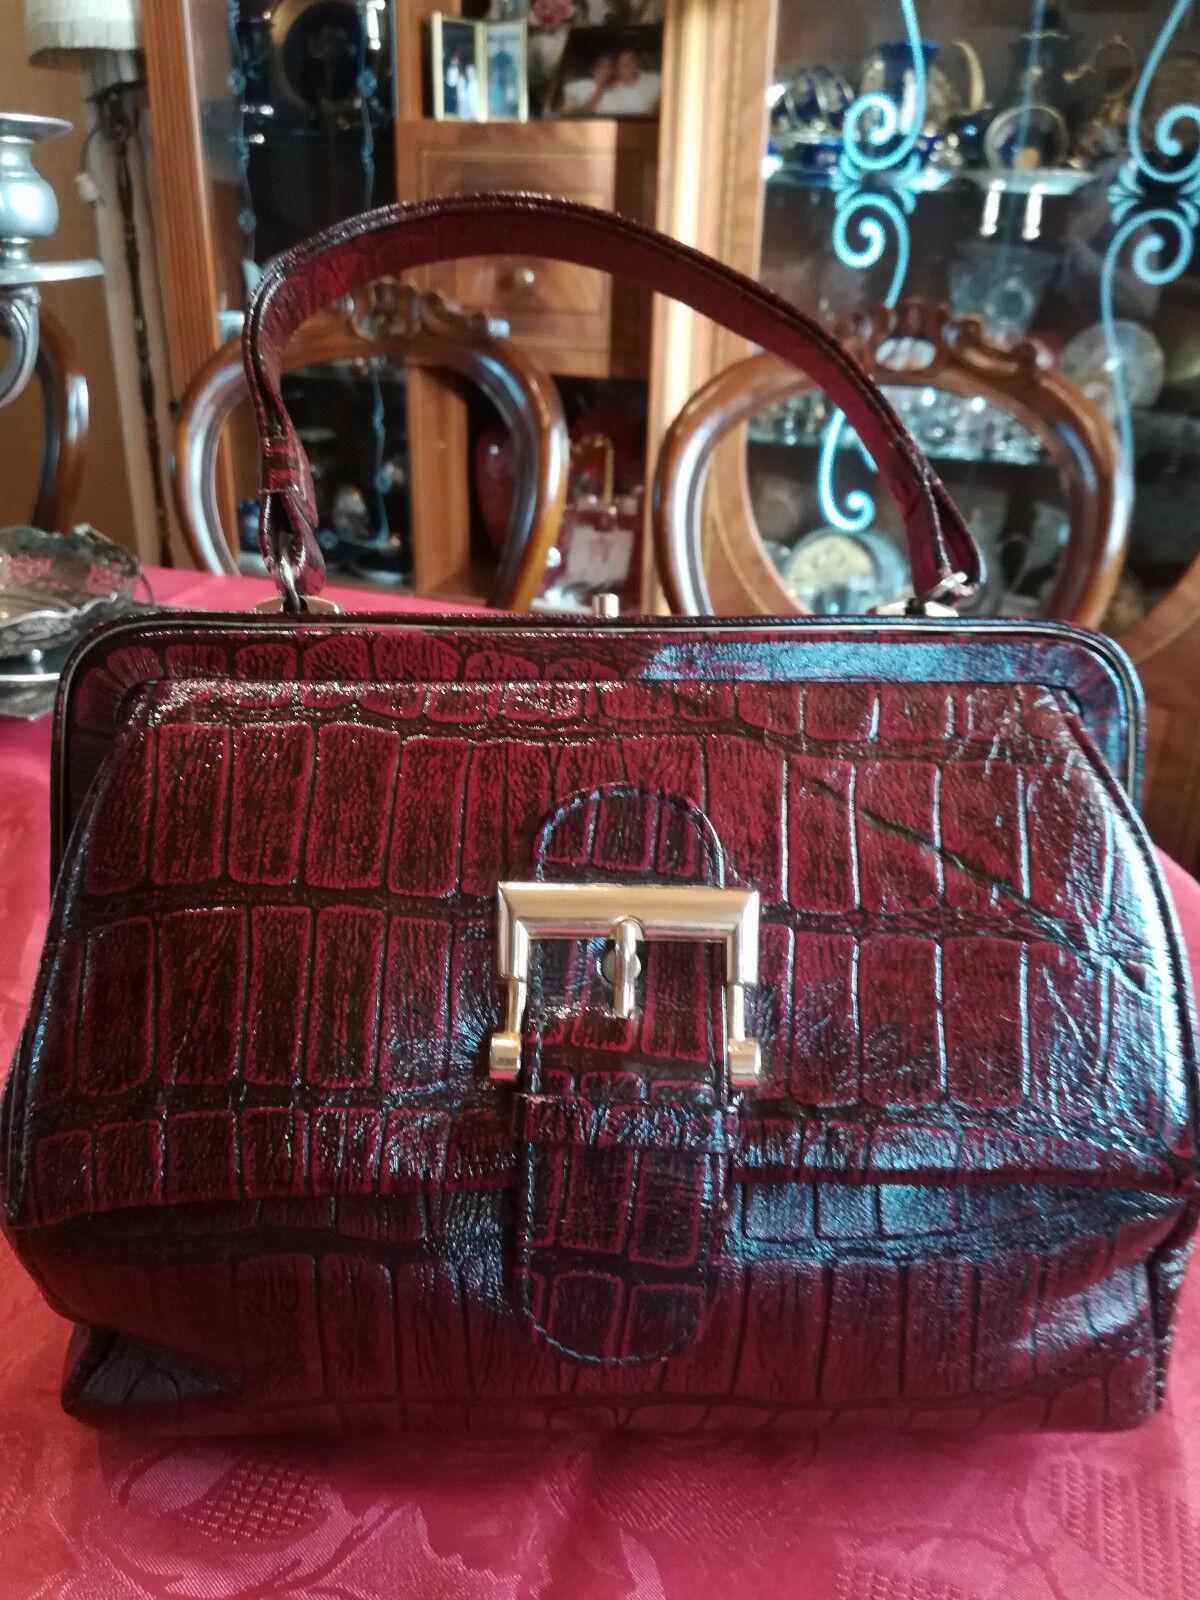 Damentasche Handtasche Bordo Bordo Bordo Braun Prägung Muster Vintage Top Zustand | Preiszugeständnisse  | Bekannt für seine gute Qualität  | Sehr gute Qualität  | Kaufen Sie beruhigt und glücklich spielen  32d4c6